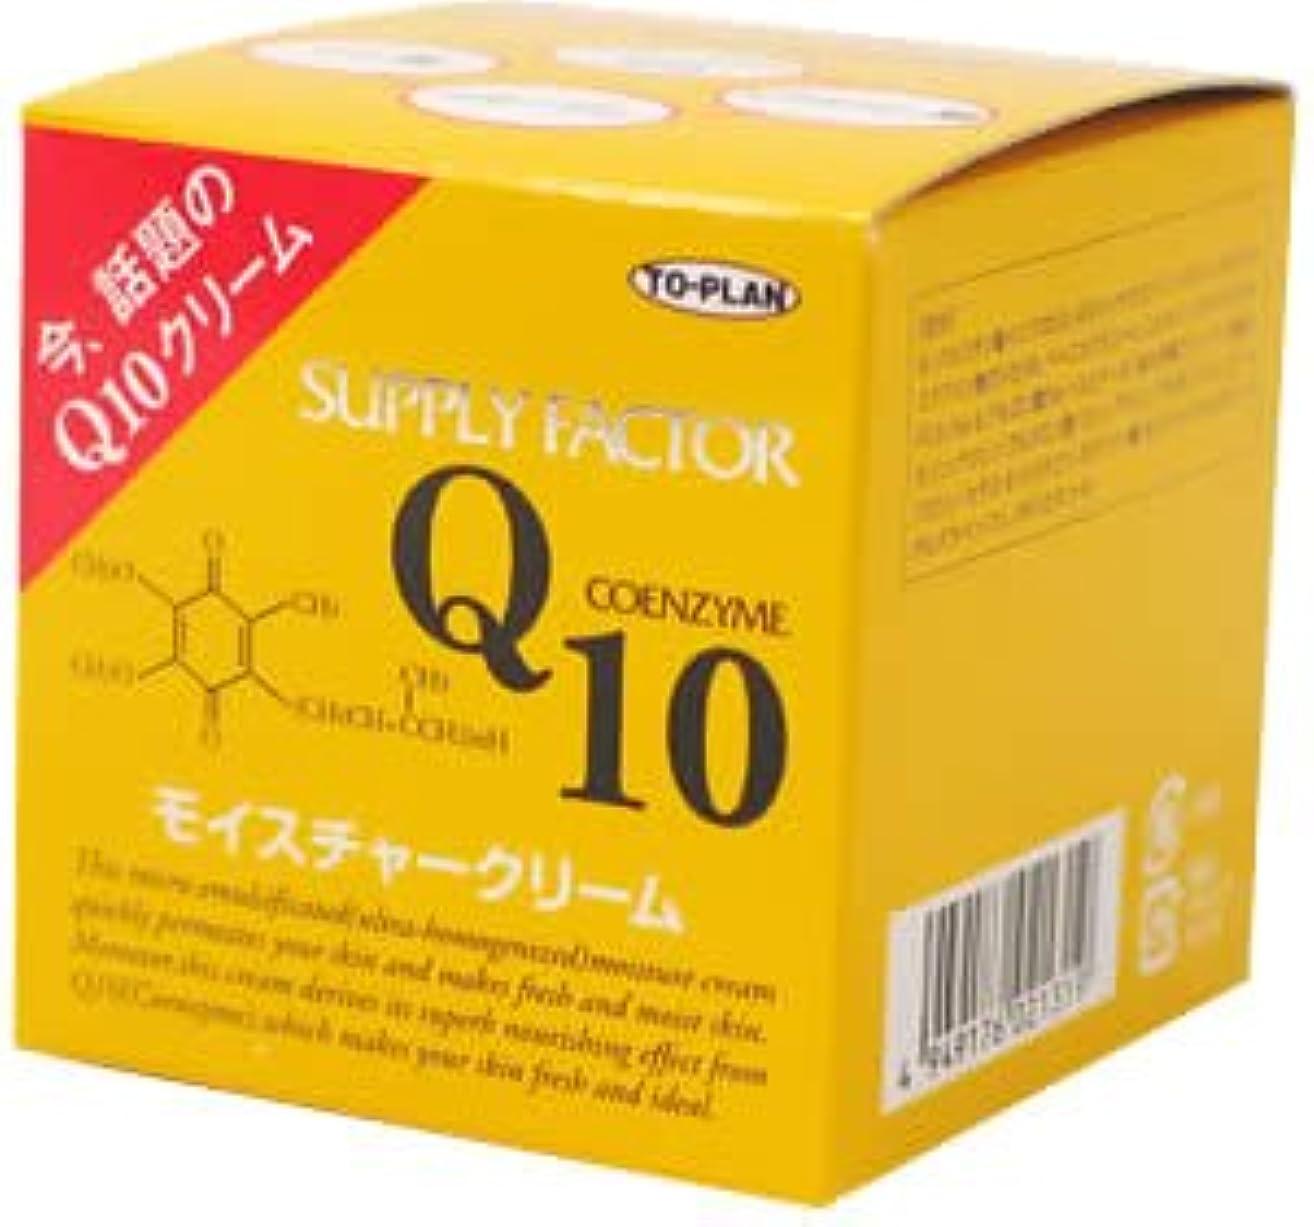 神経衰弱全滅させる特権TO-PLAN(トプラン) Q10モイスチャークリーム 110g